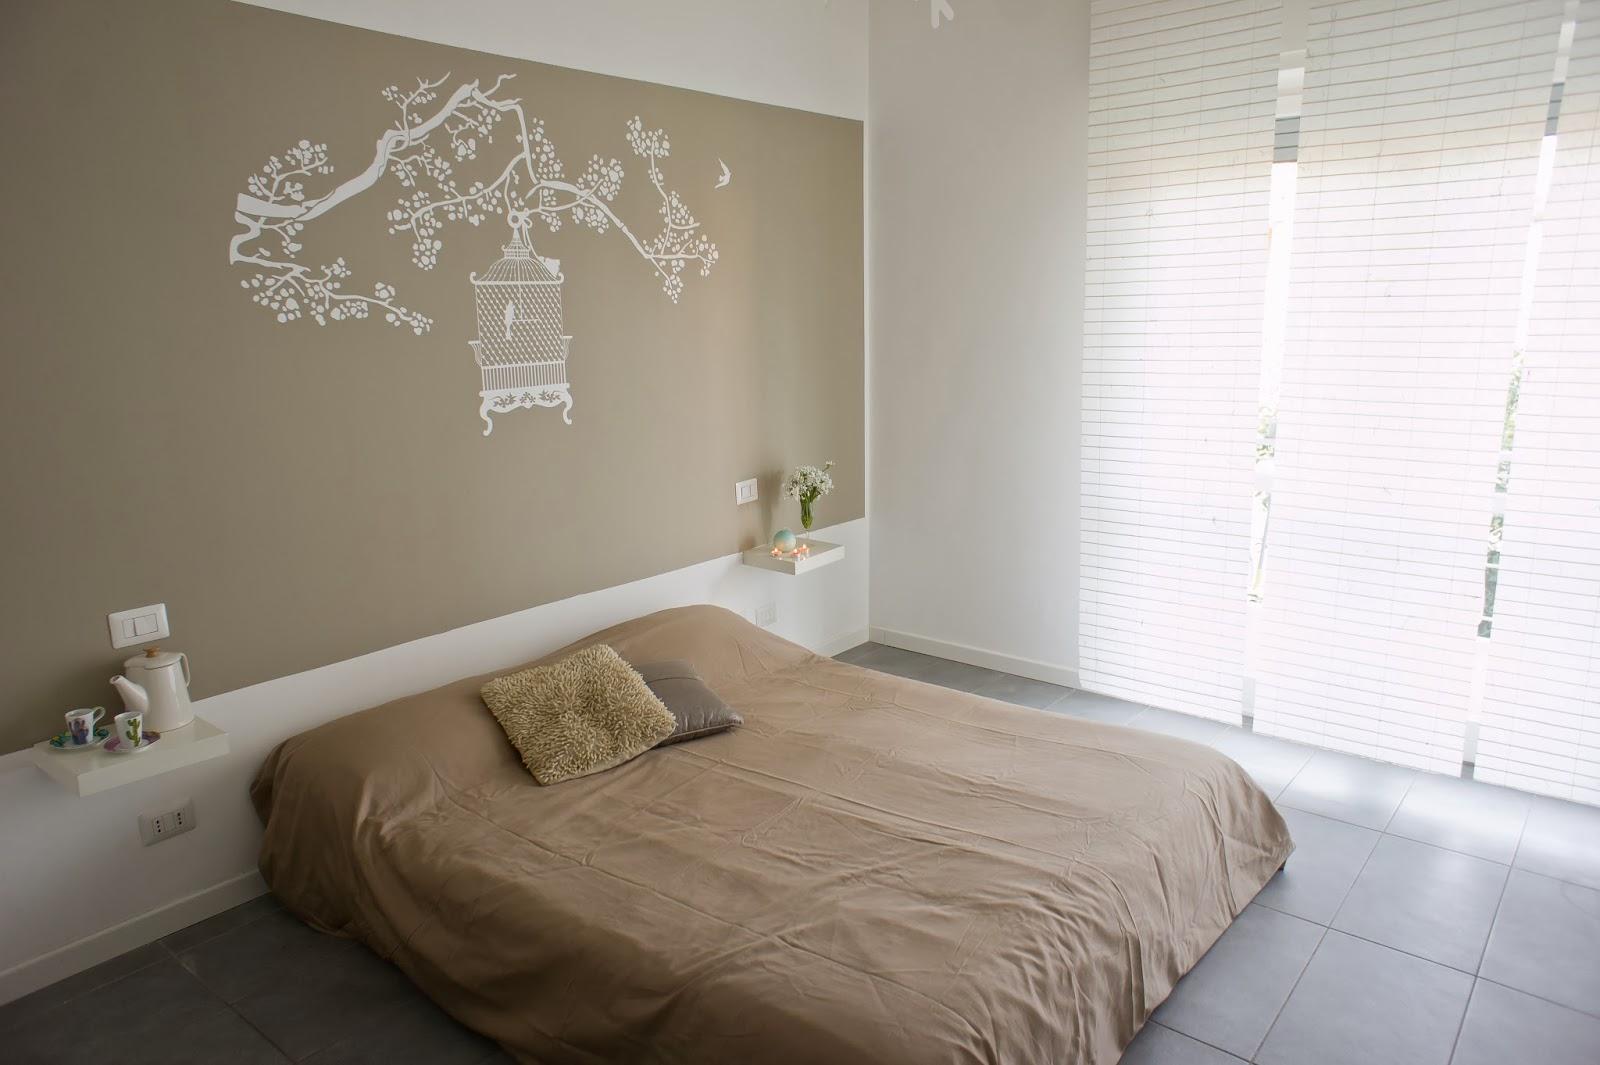 ea ristruttura appartamento ristrutturato da noi camera